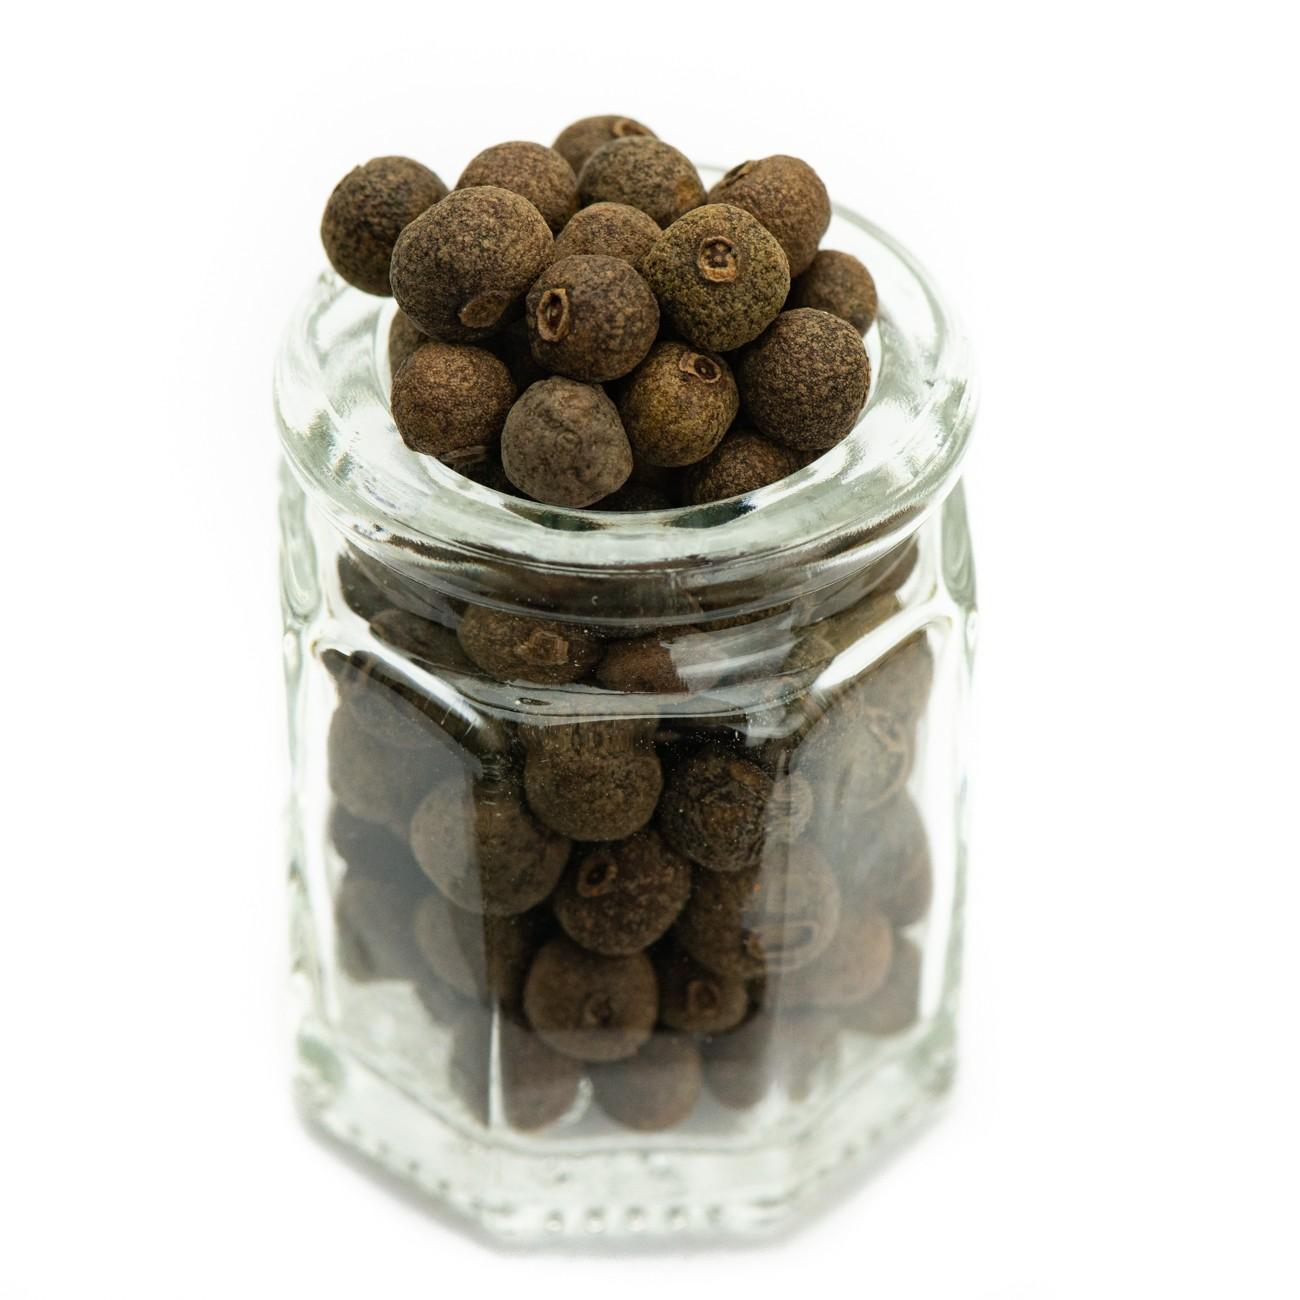 Μπαχάρι (ολ.) Μεξικού Allspice Seeds (whole)